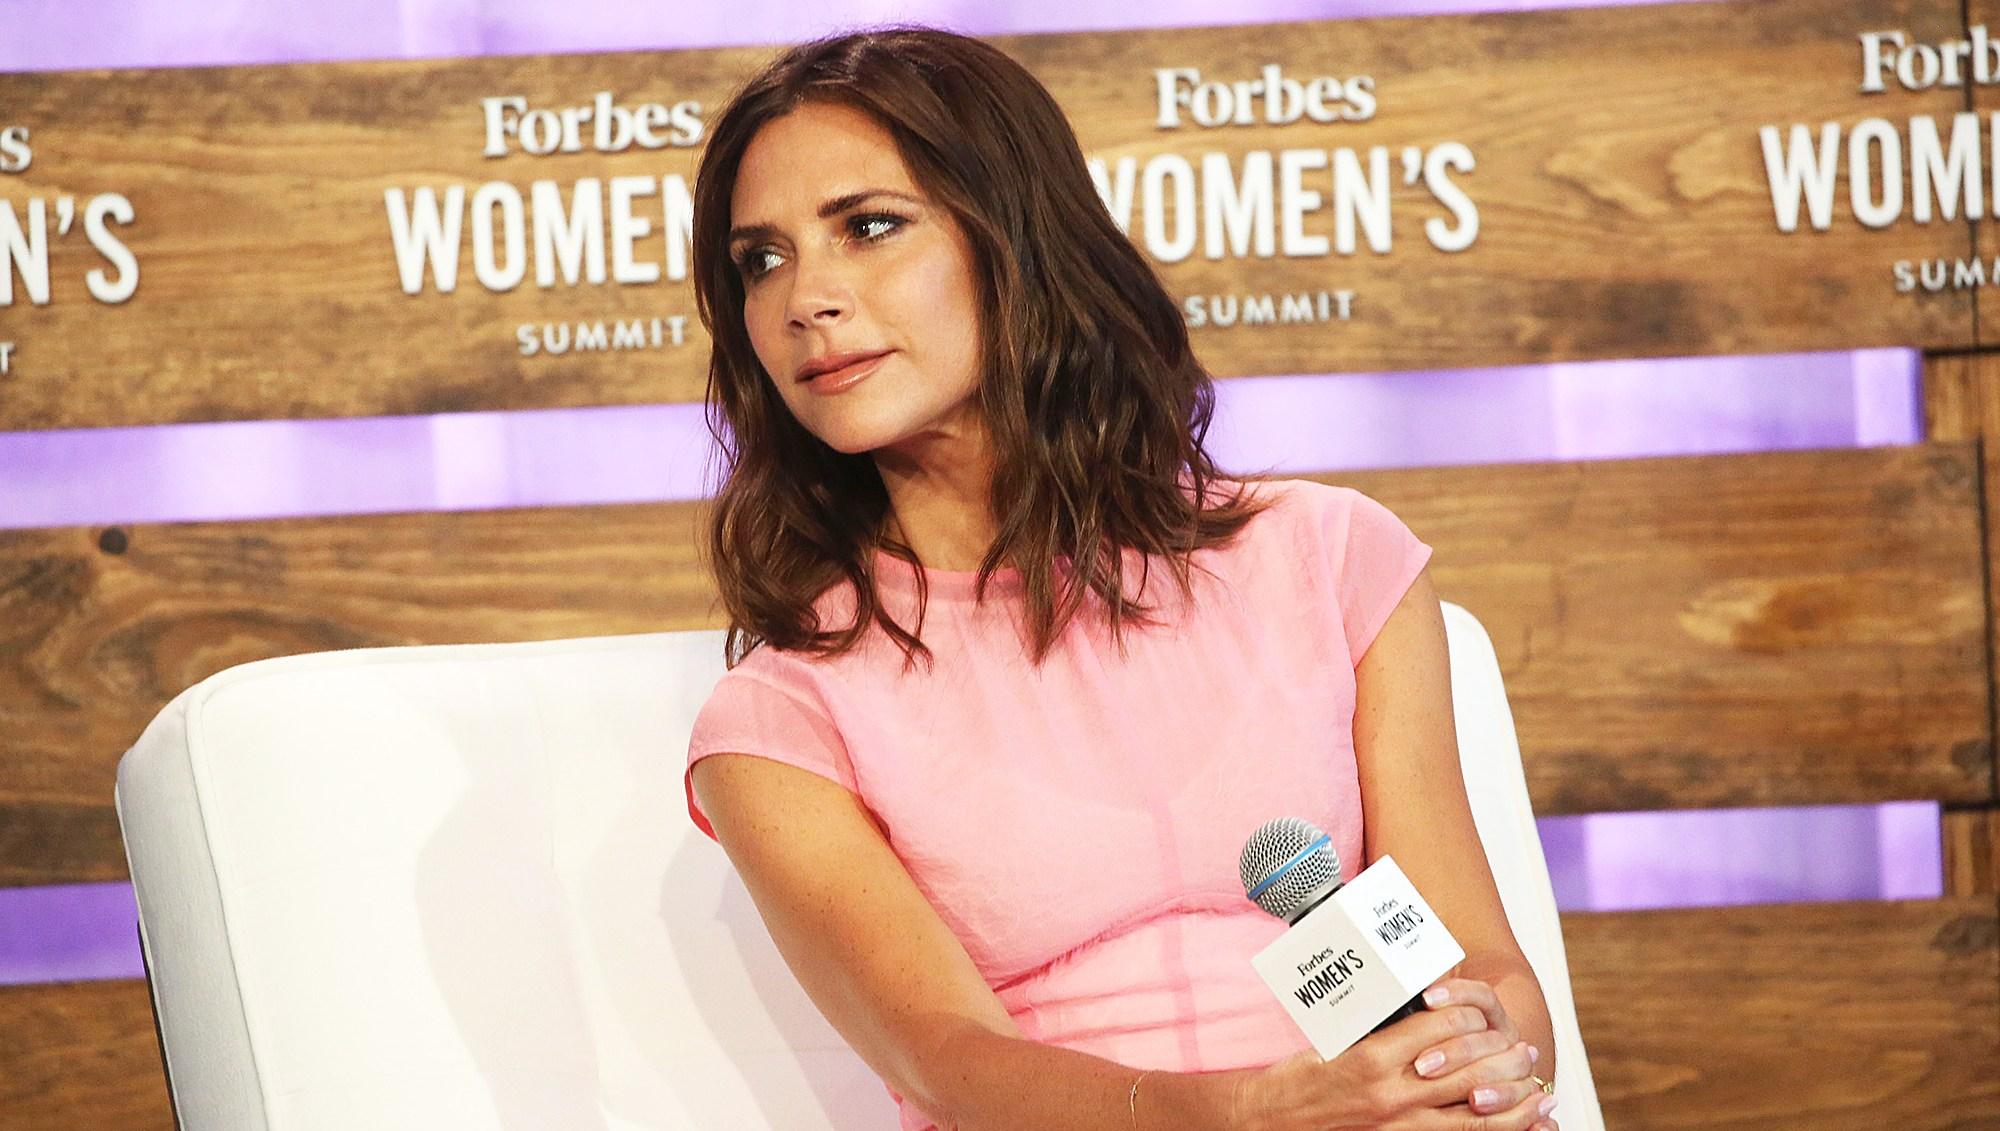 Victoria Beckham Forbes Women's Summit Split Rumors